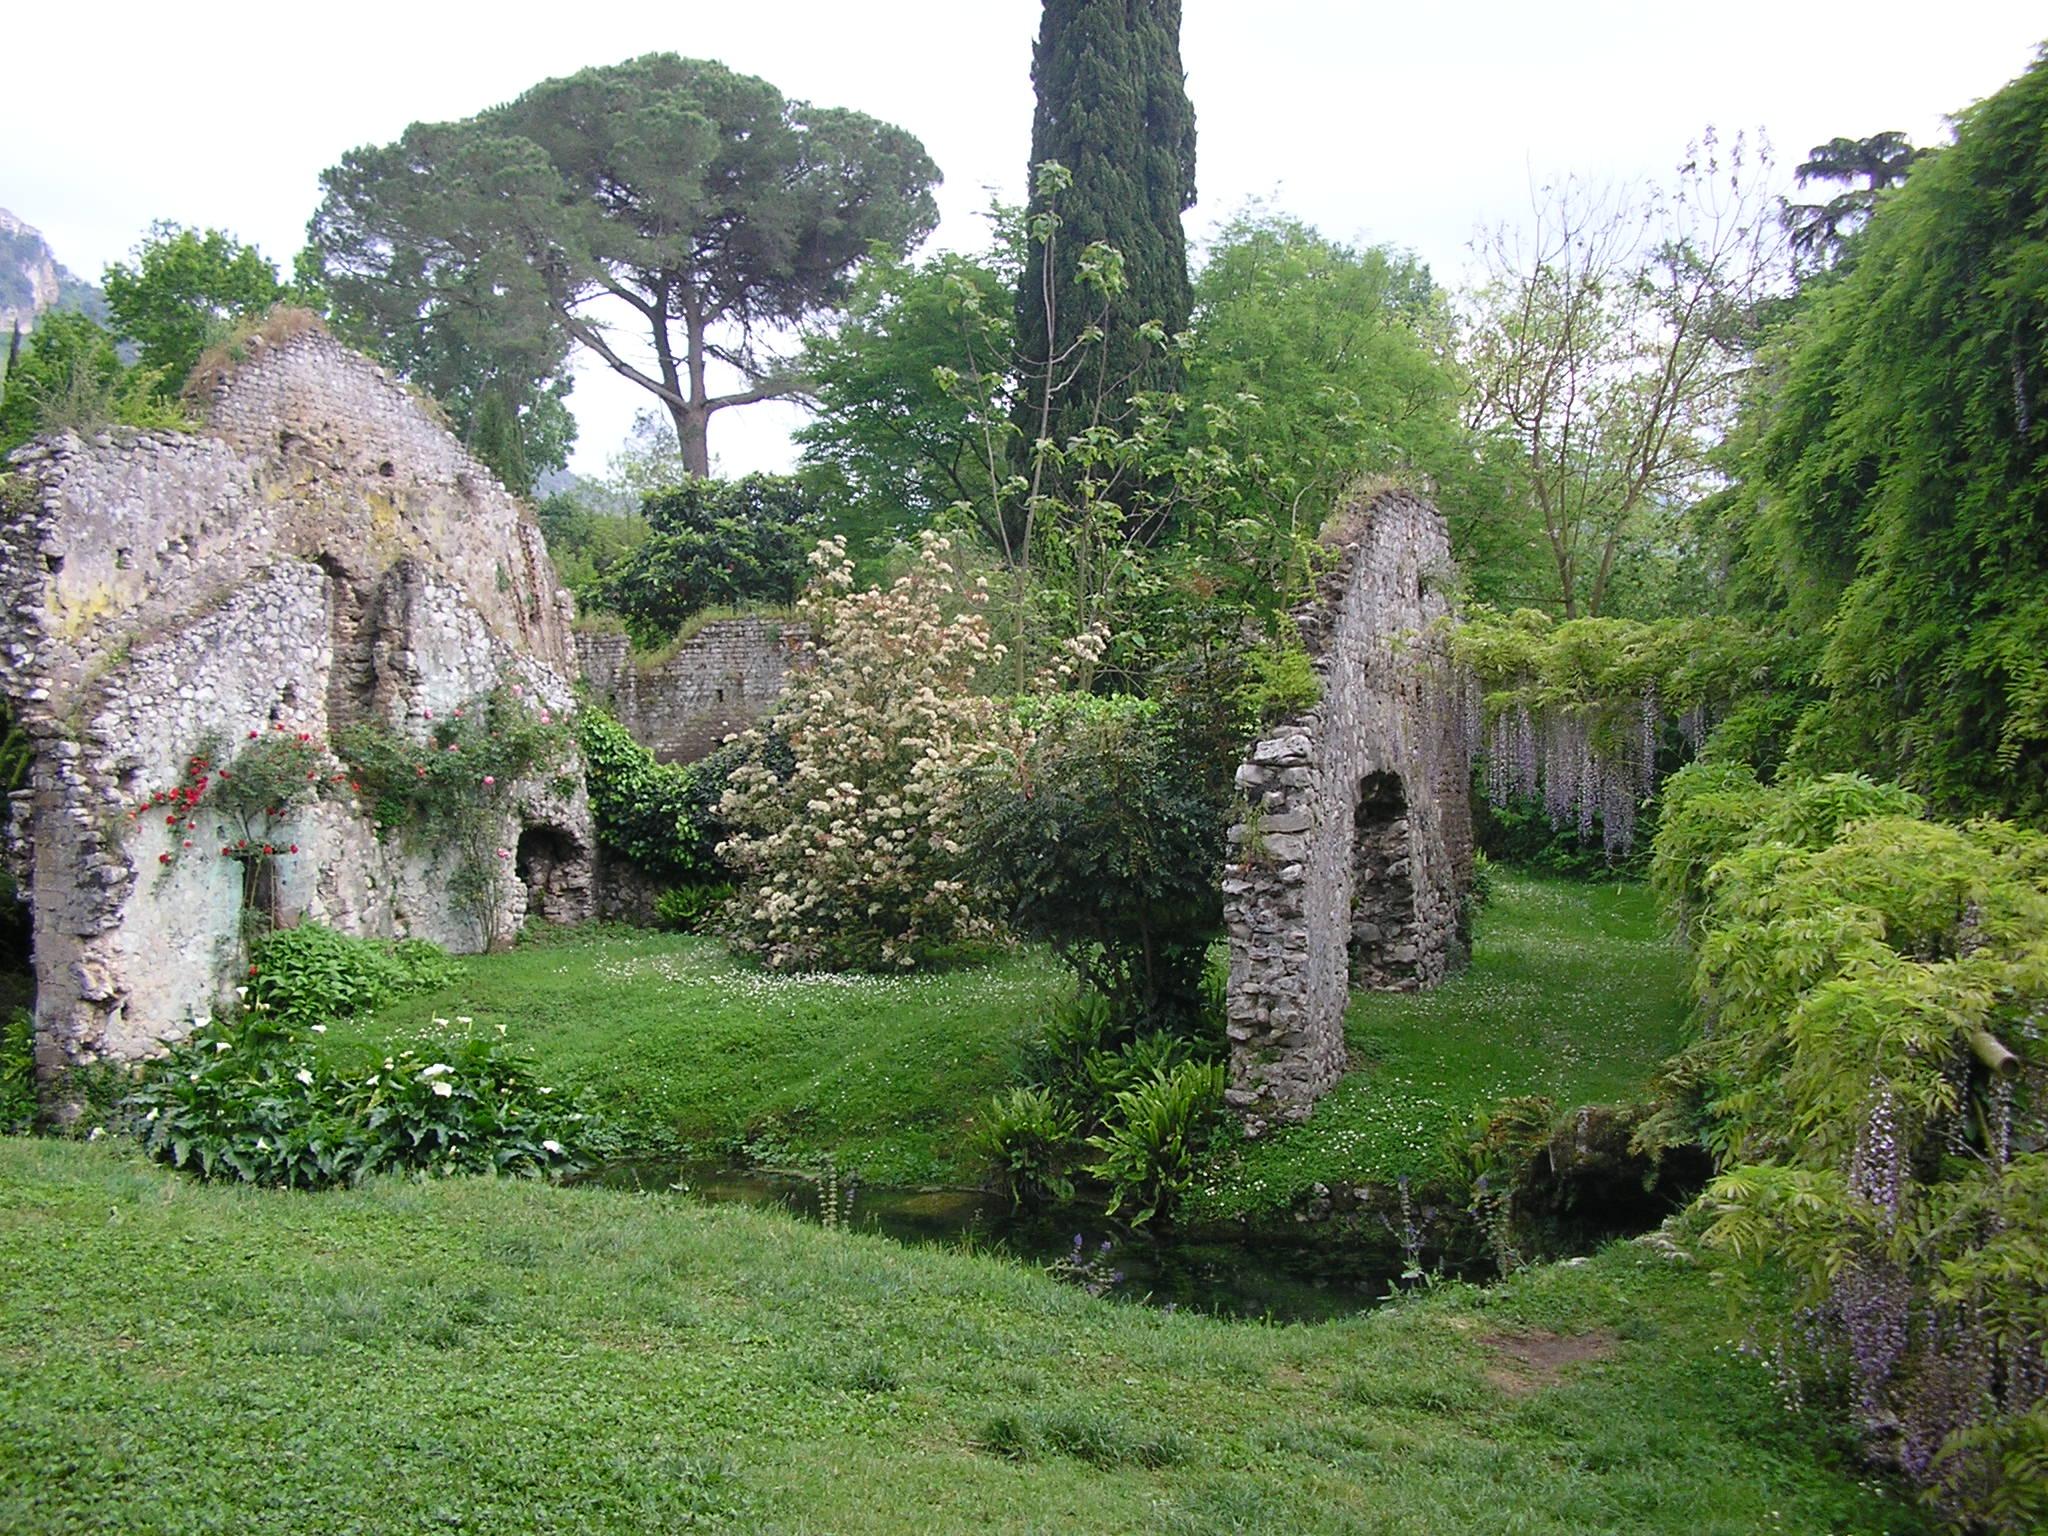 giardino-di-ninfa-rovine-della-citta-